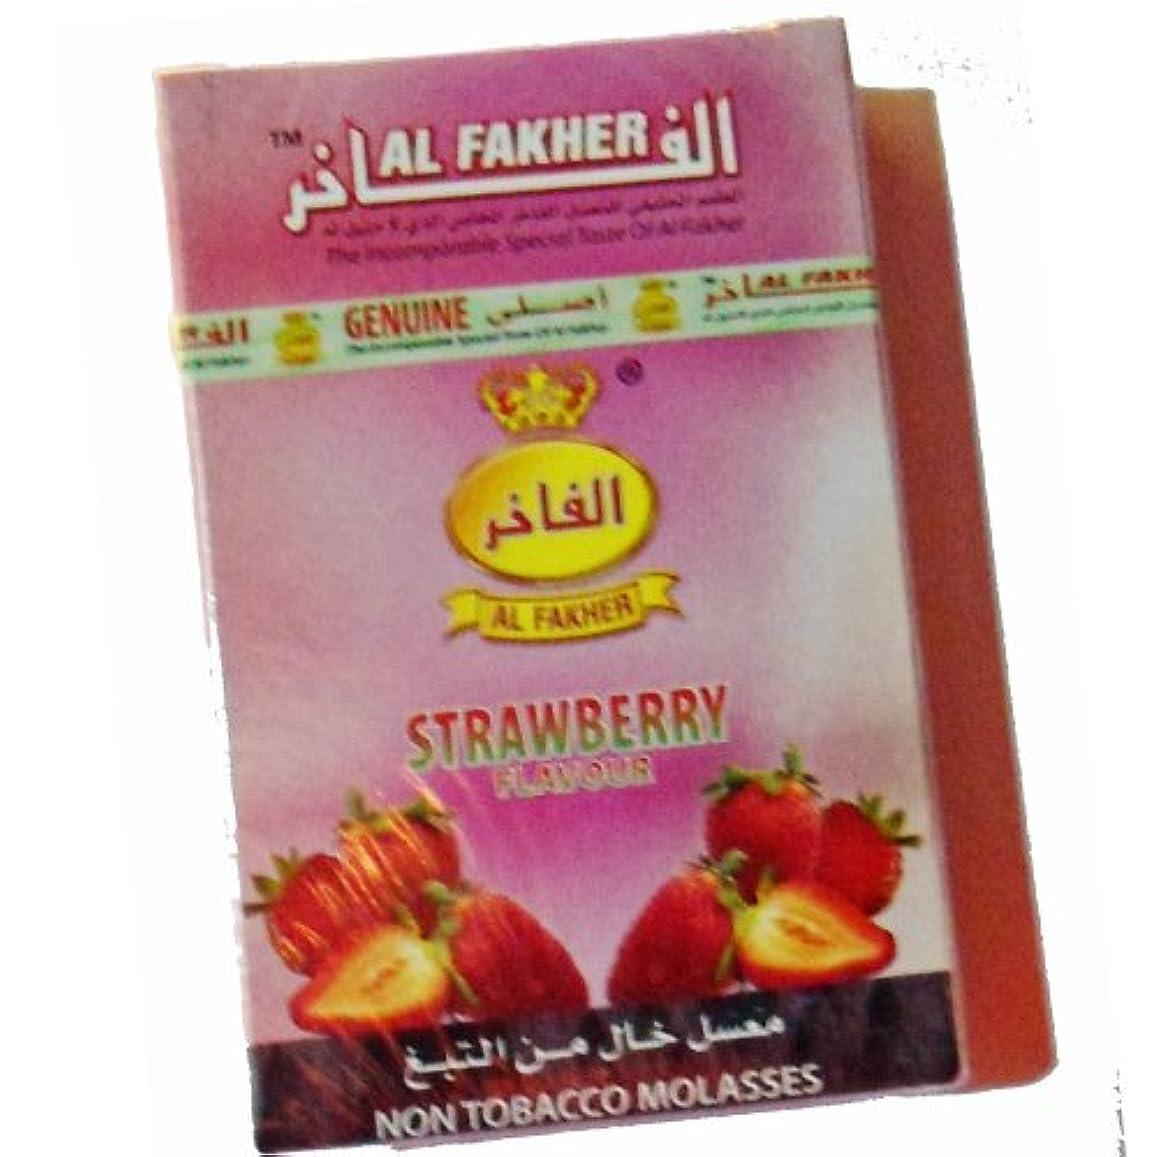 懸念毎日分子AL FAKHER アルファーヘル シーシャ フレーバー STRWBERRY ストロベリー 50g